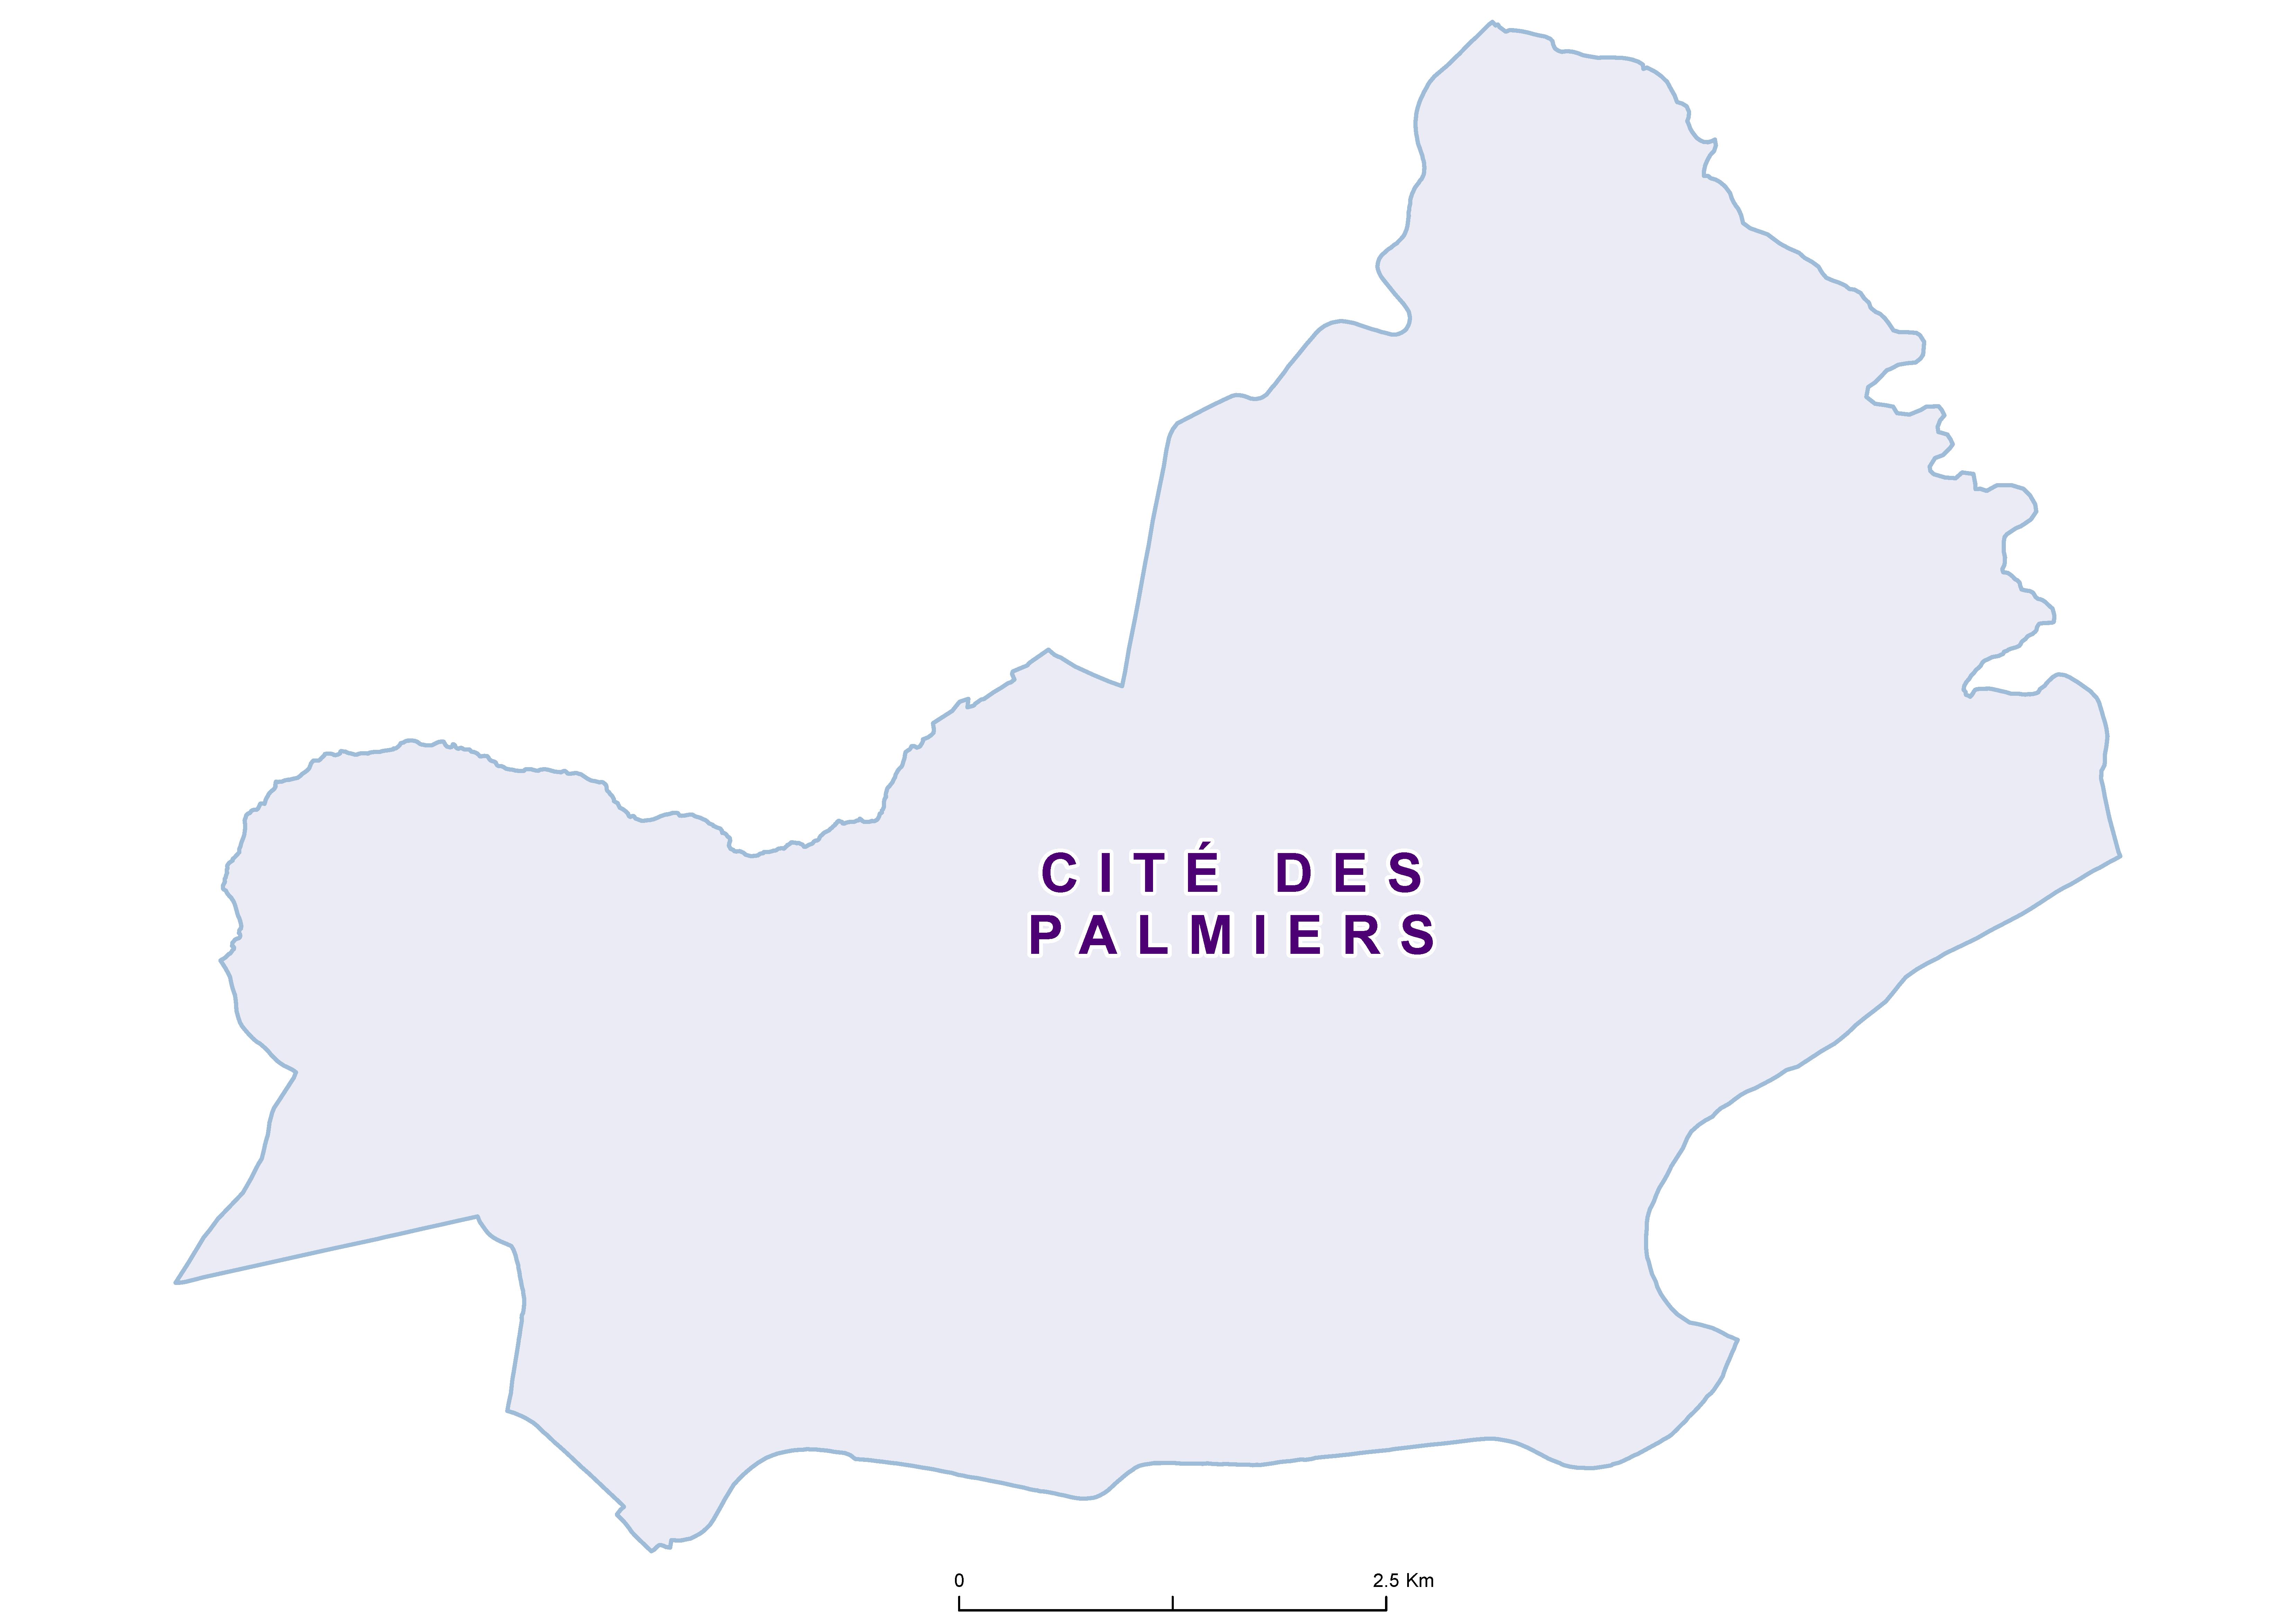 Cité des palmiers Mean SCH 19850001